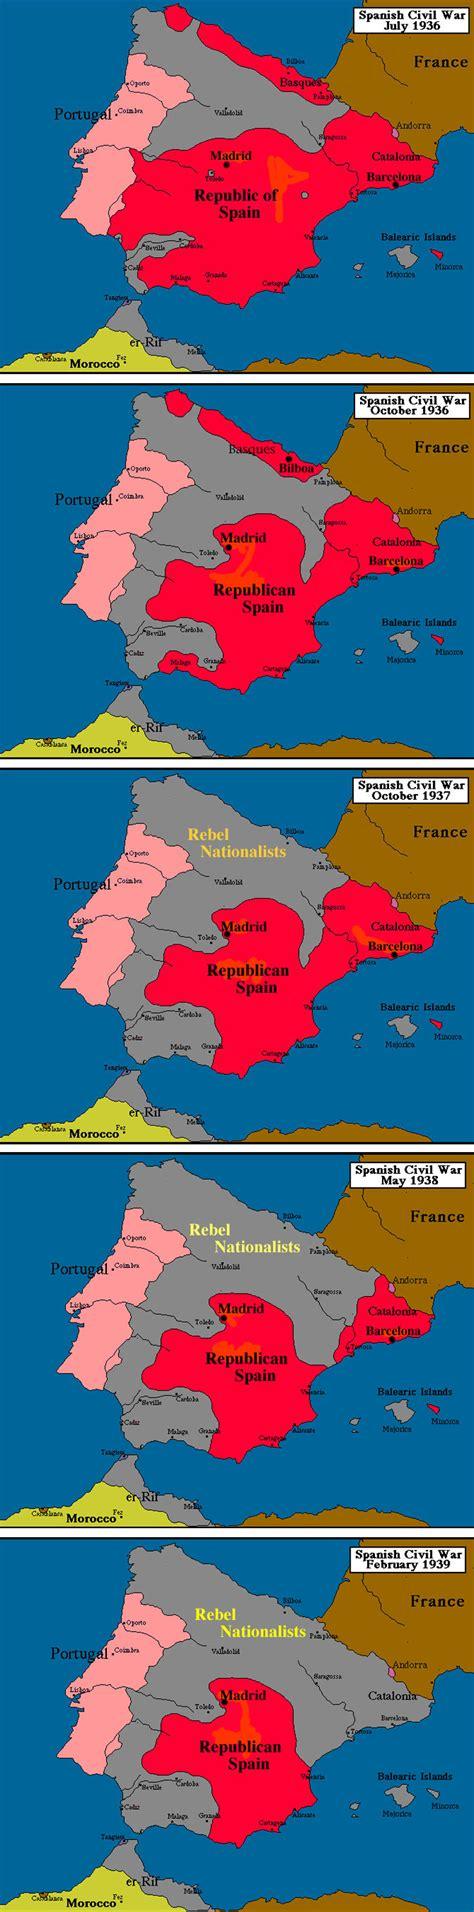 the spanish civil war 1782007822 spanish civil war maps 1936 1939 war spanish civil war 1936 1939 civil wars